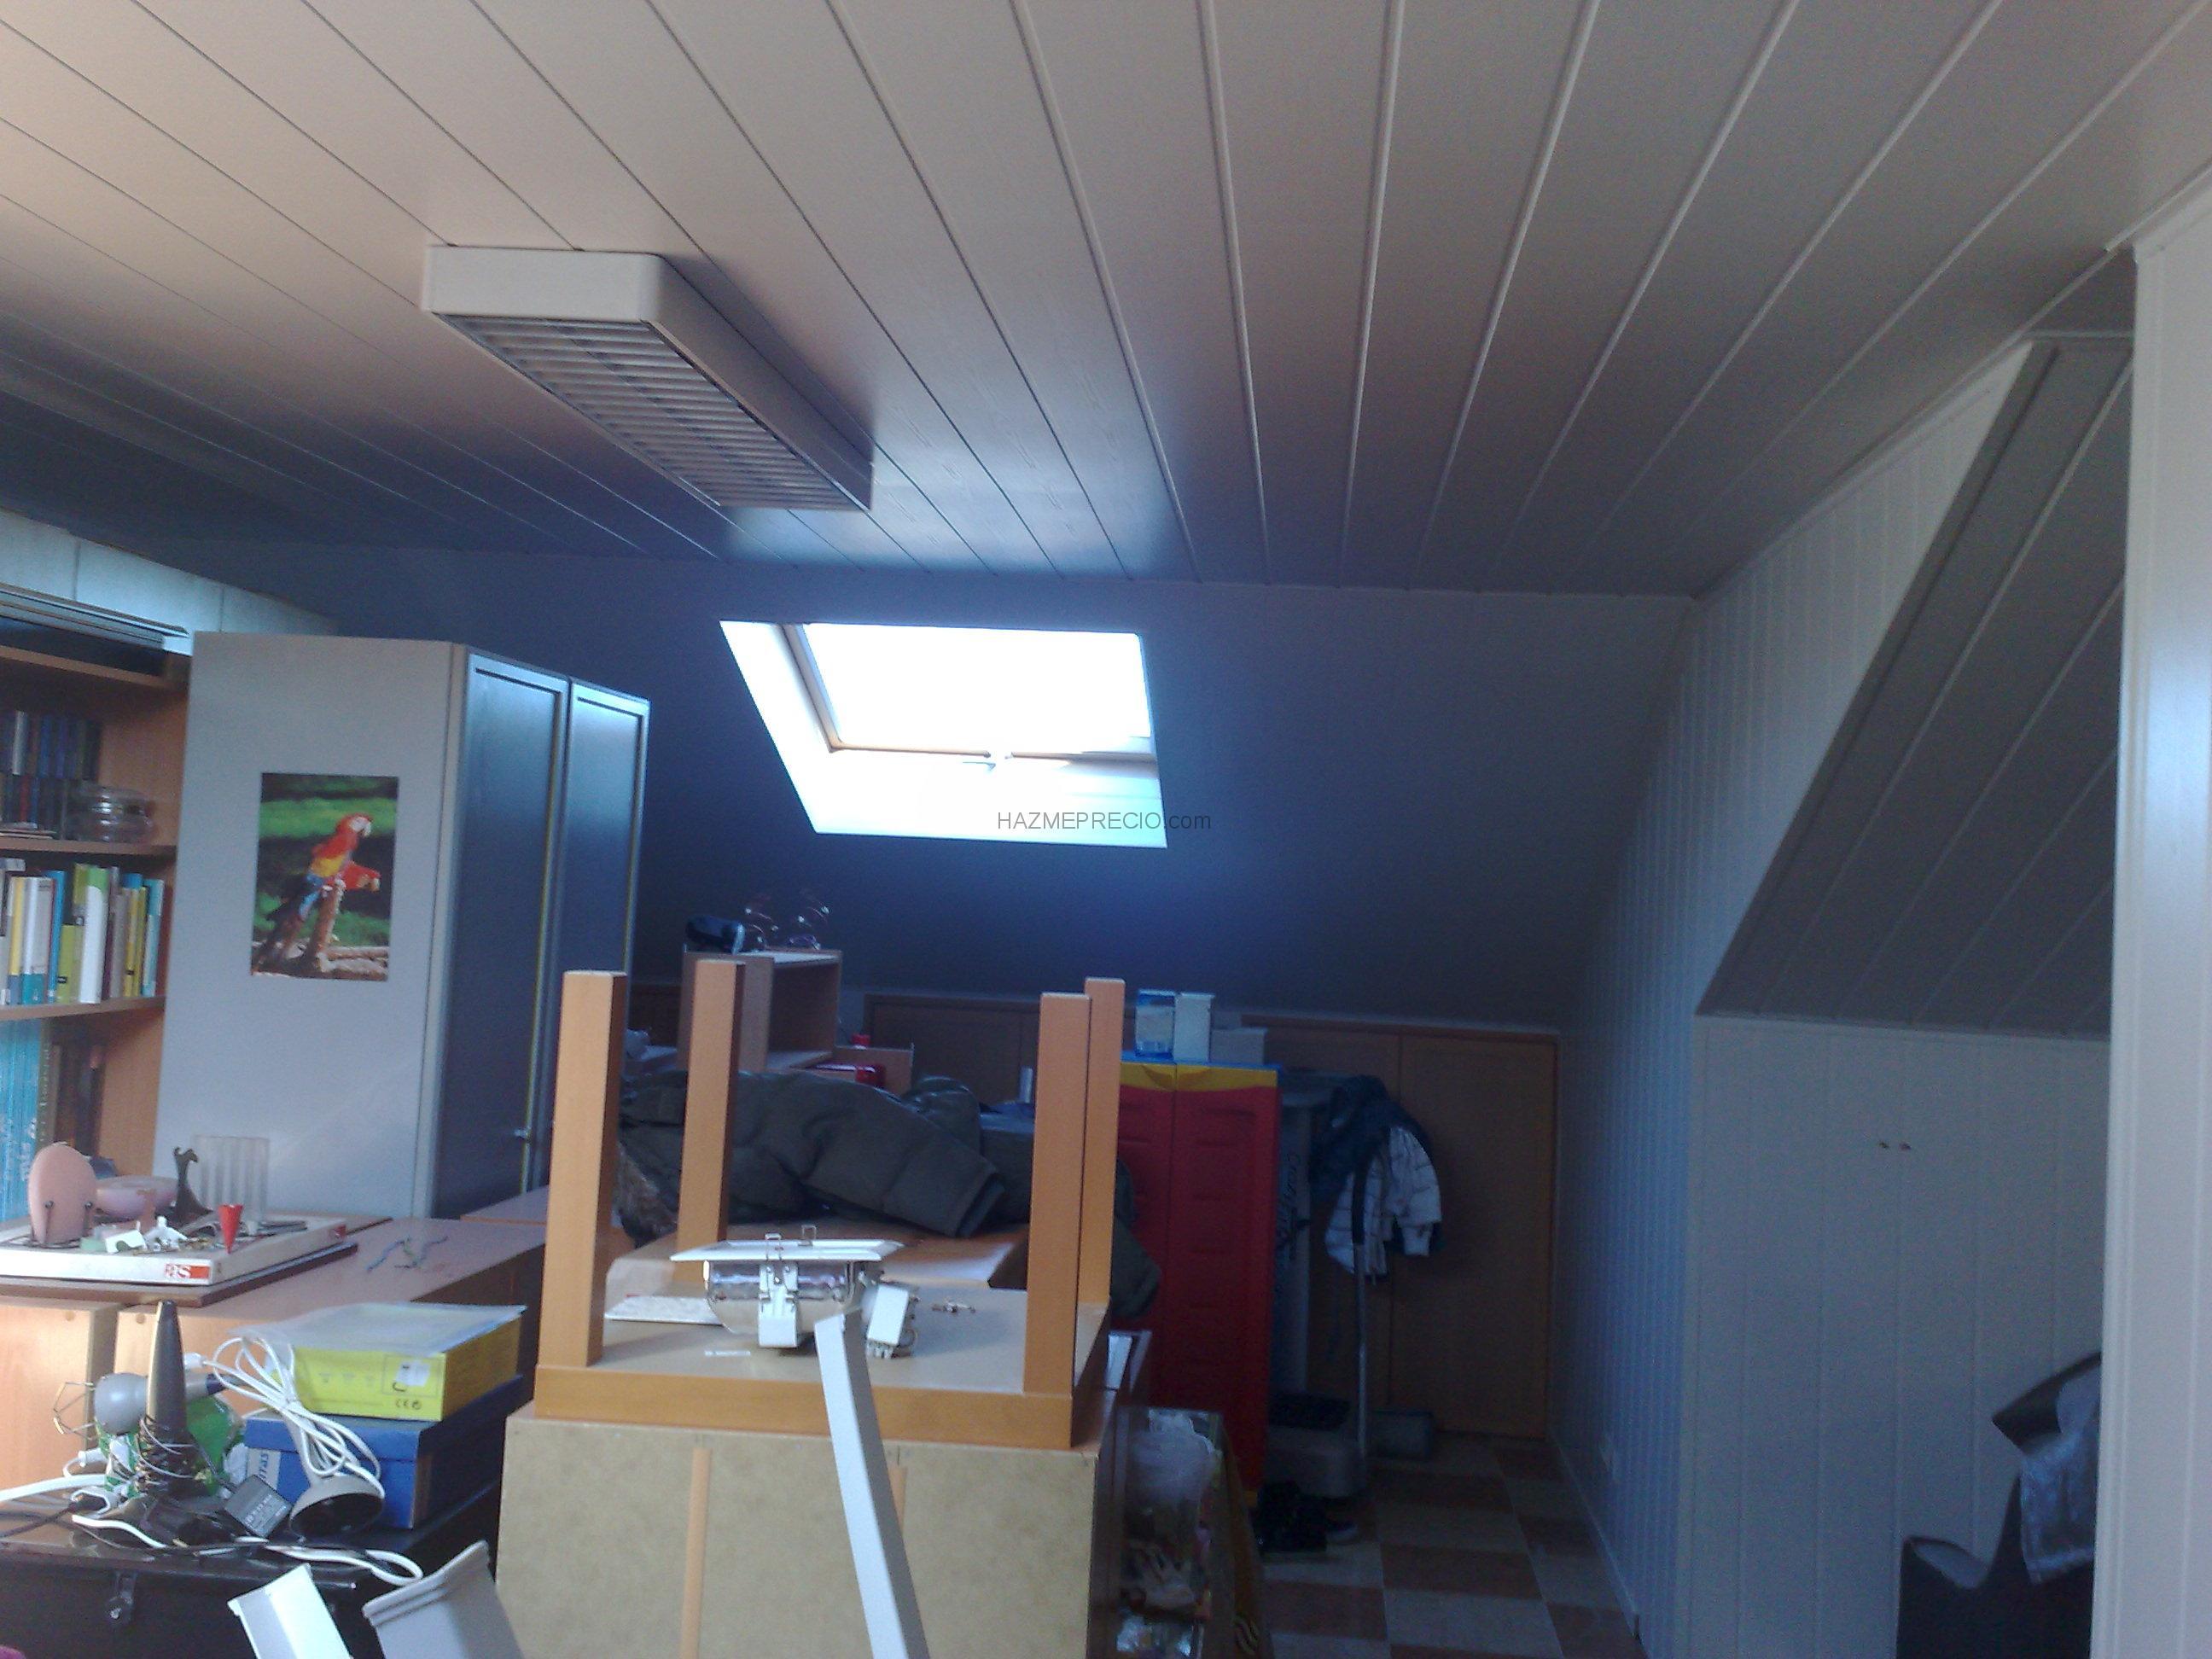 Reformas viviendas coslada - Friso en techo ...